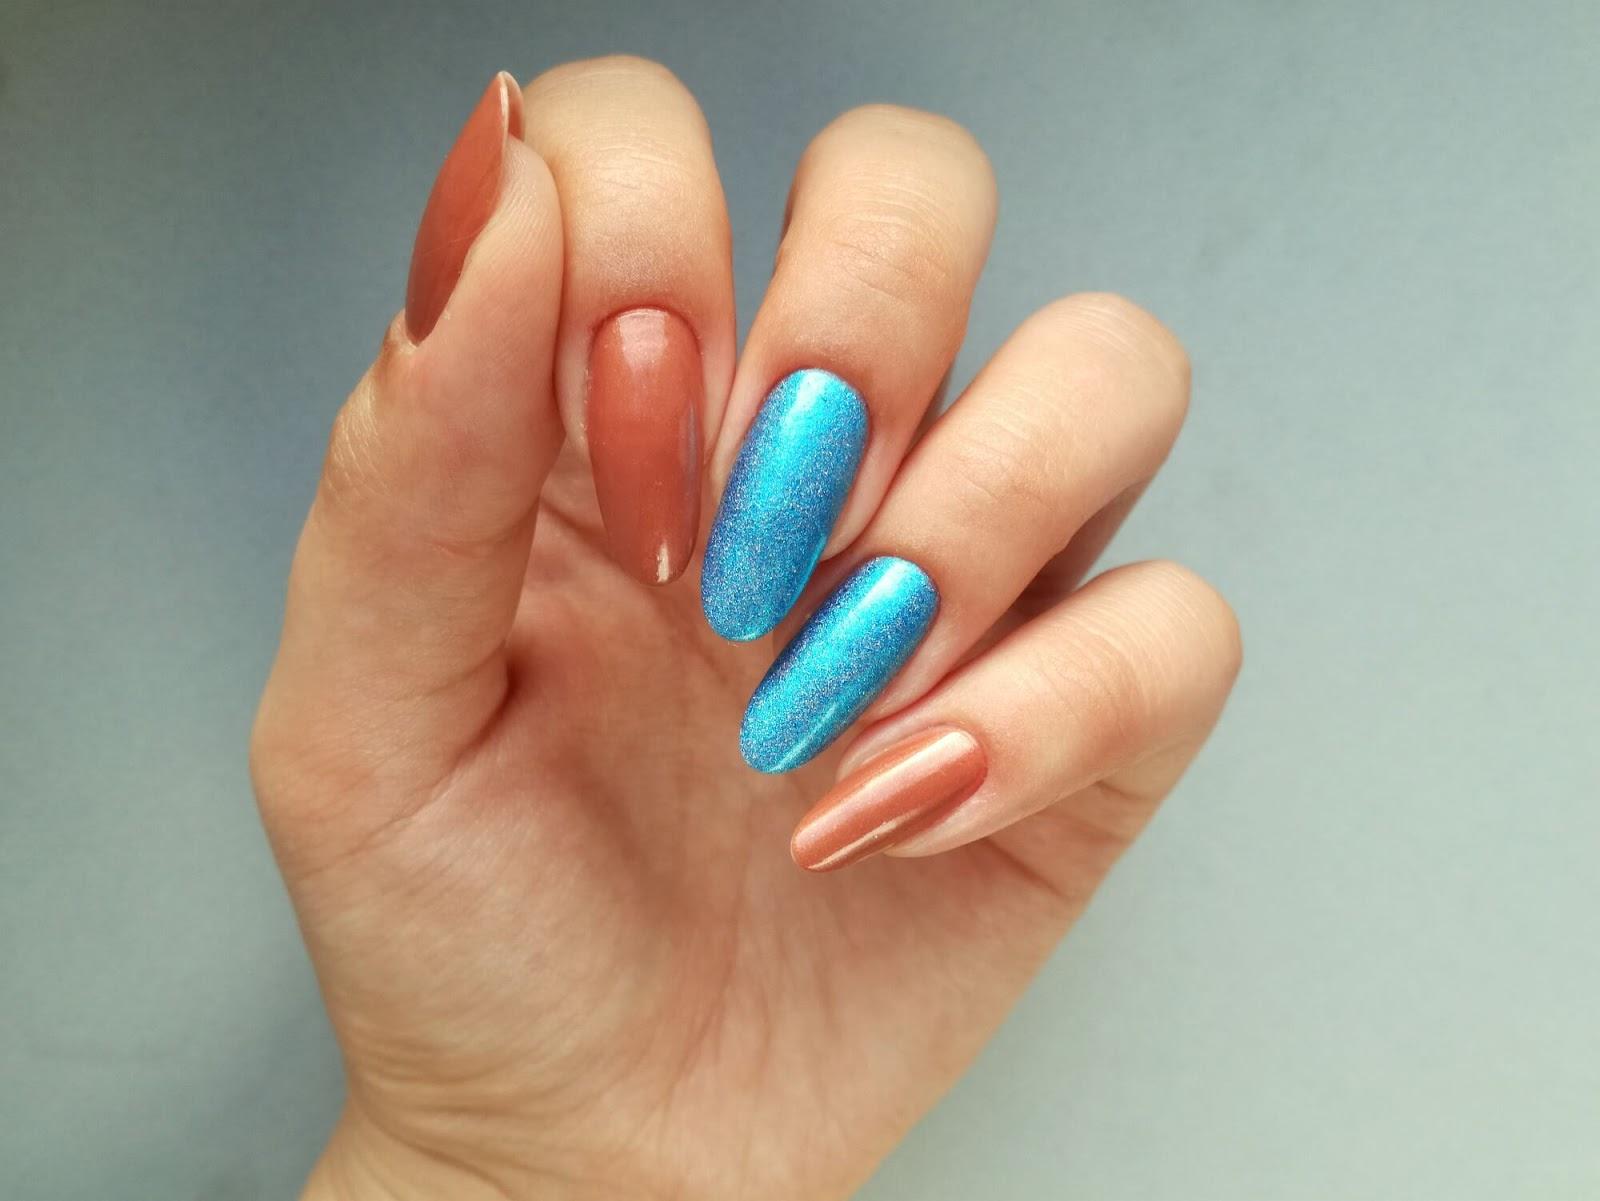 paznokcie pomalowane na dwa kolory